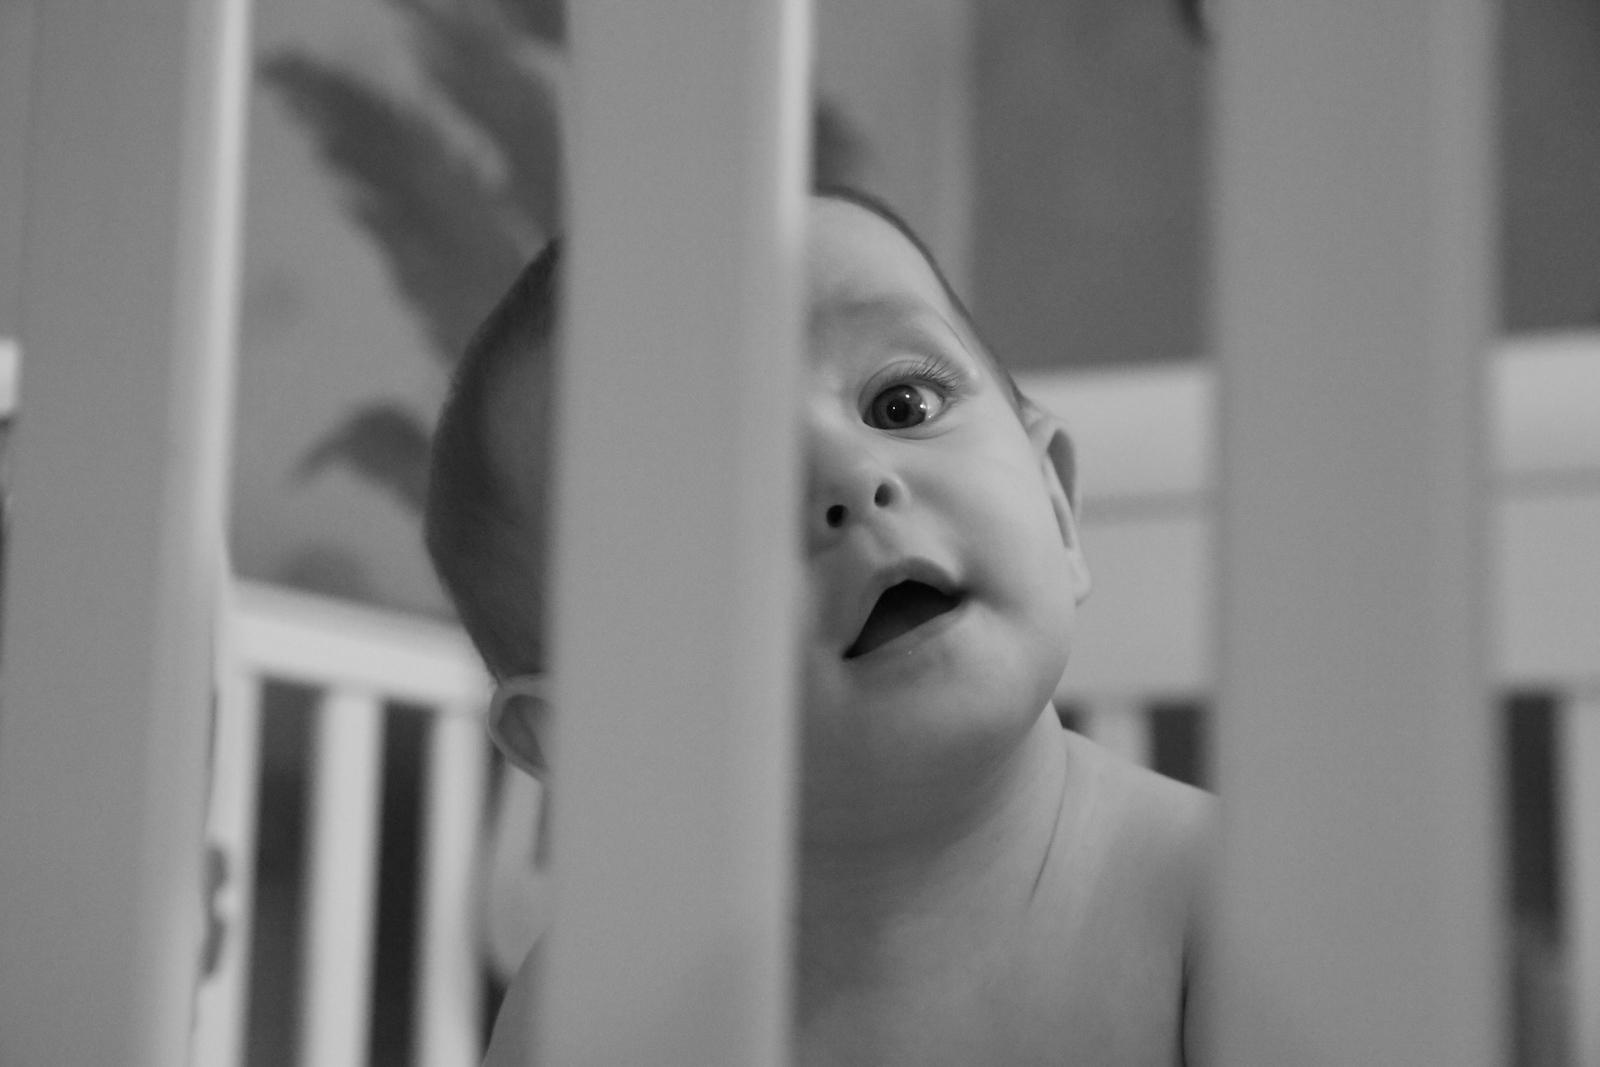 Baby peeking through her crib.